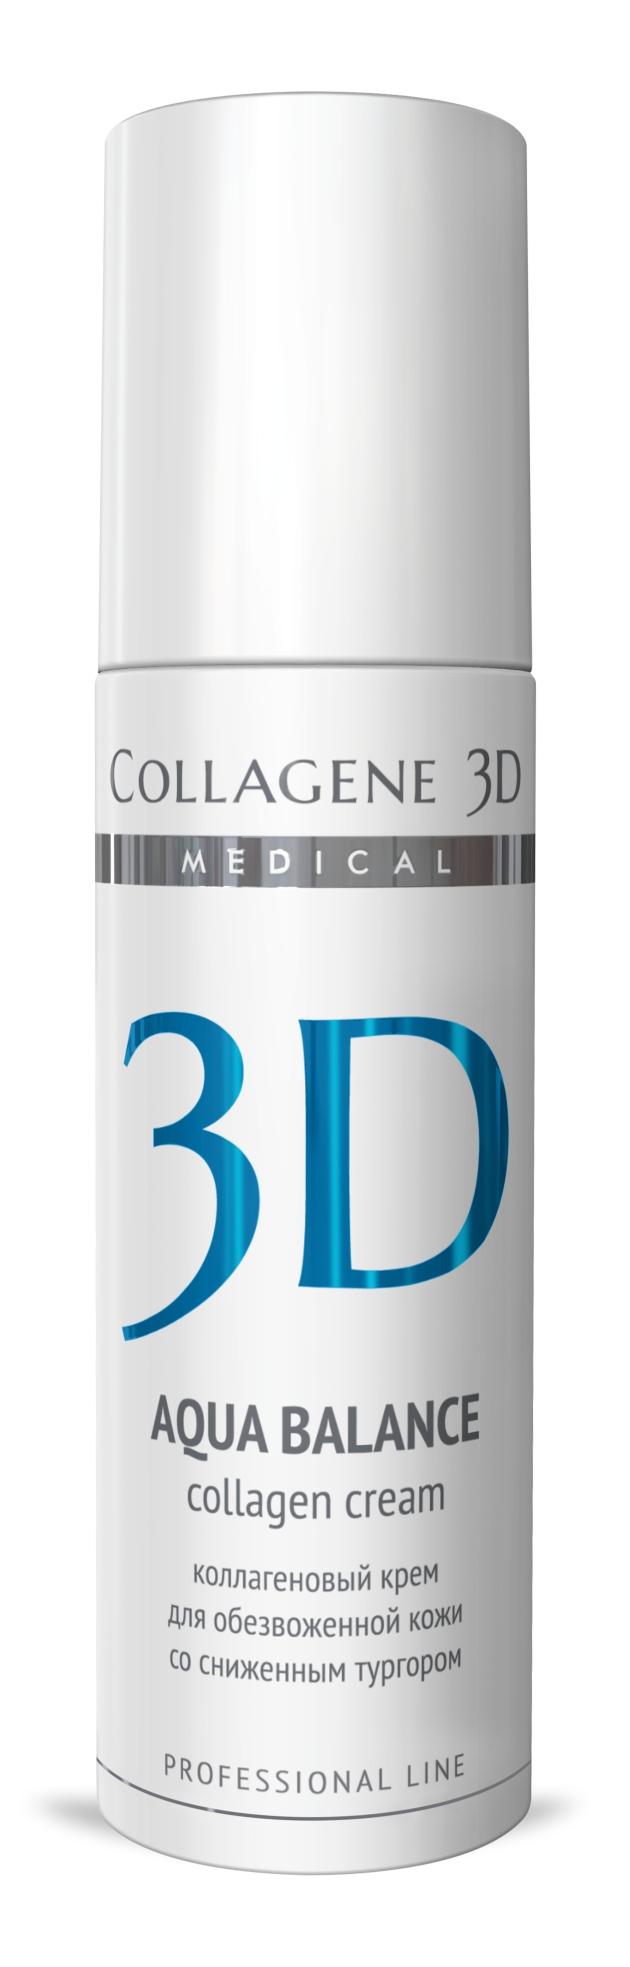 MEDICAL COLLAGENE 3D Крем с коллагеном и гиалуроновой кислотой для лица / Aqua Balance 150 мл проф.